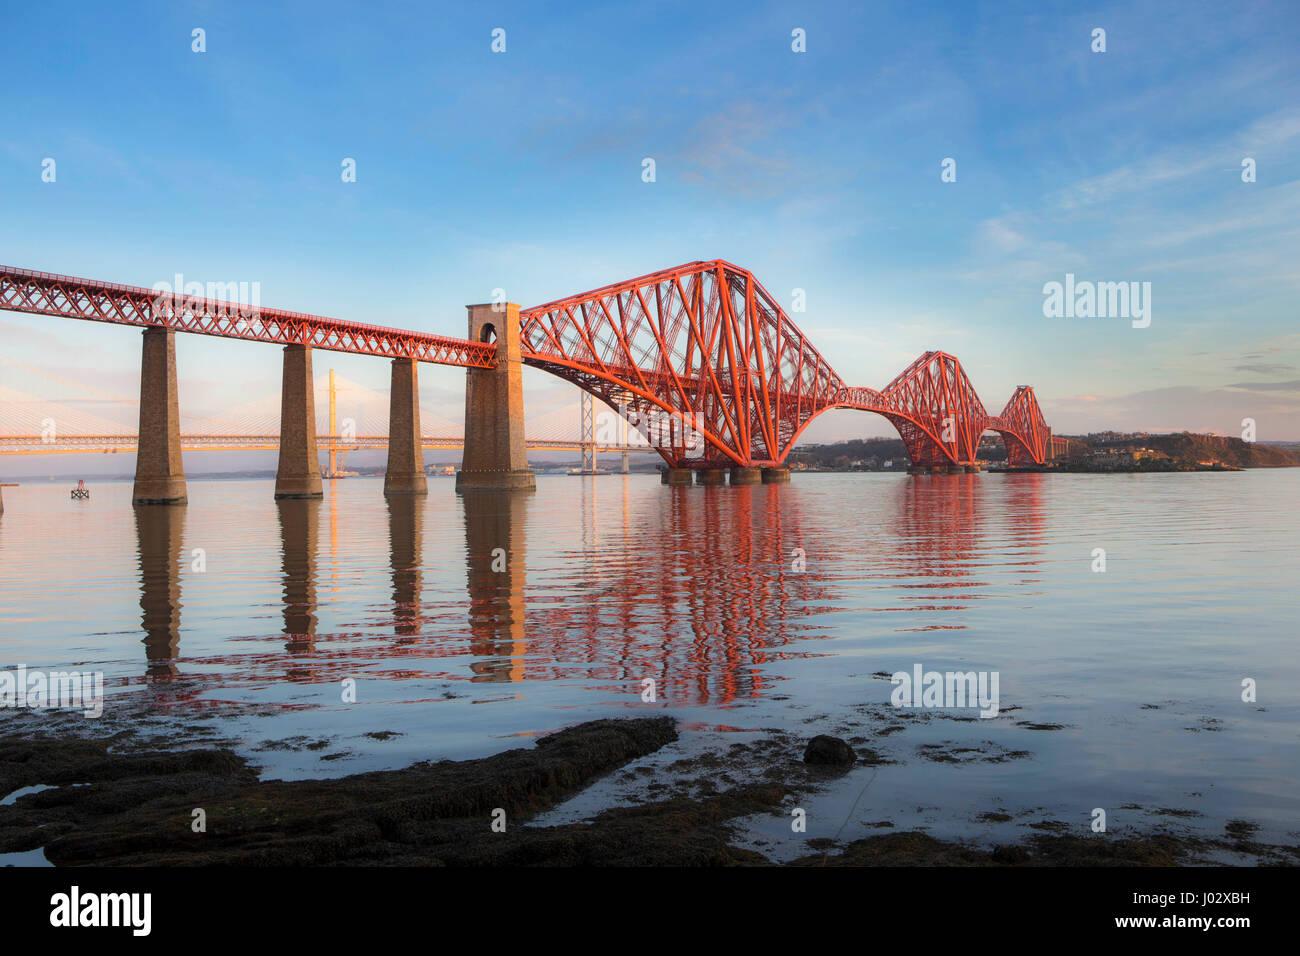 Forth Rail Bridge at dawn - Stock Image